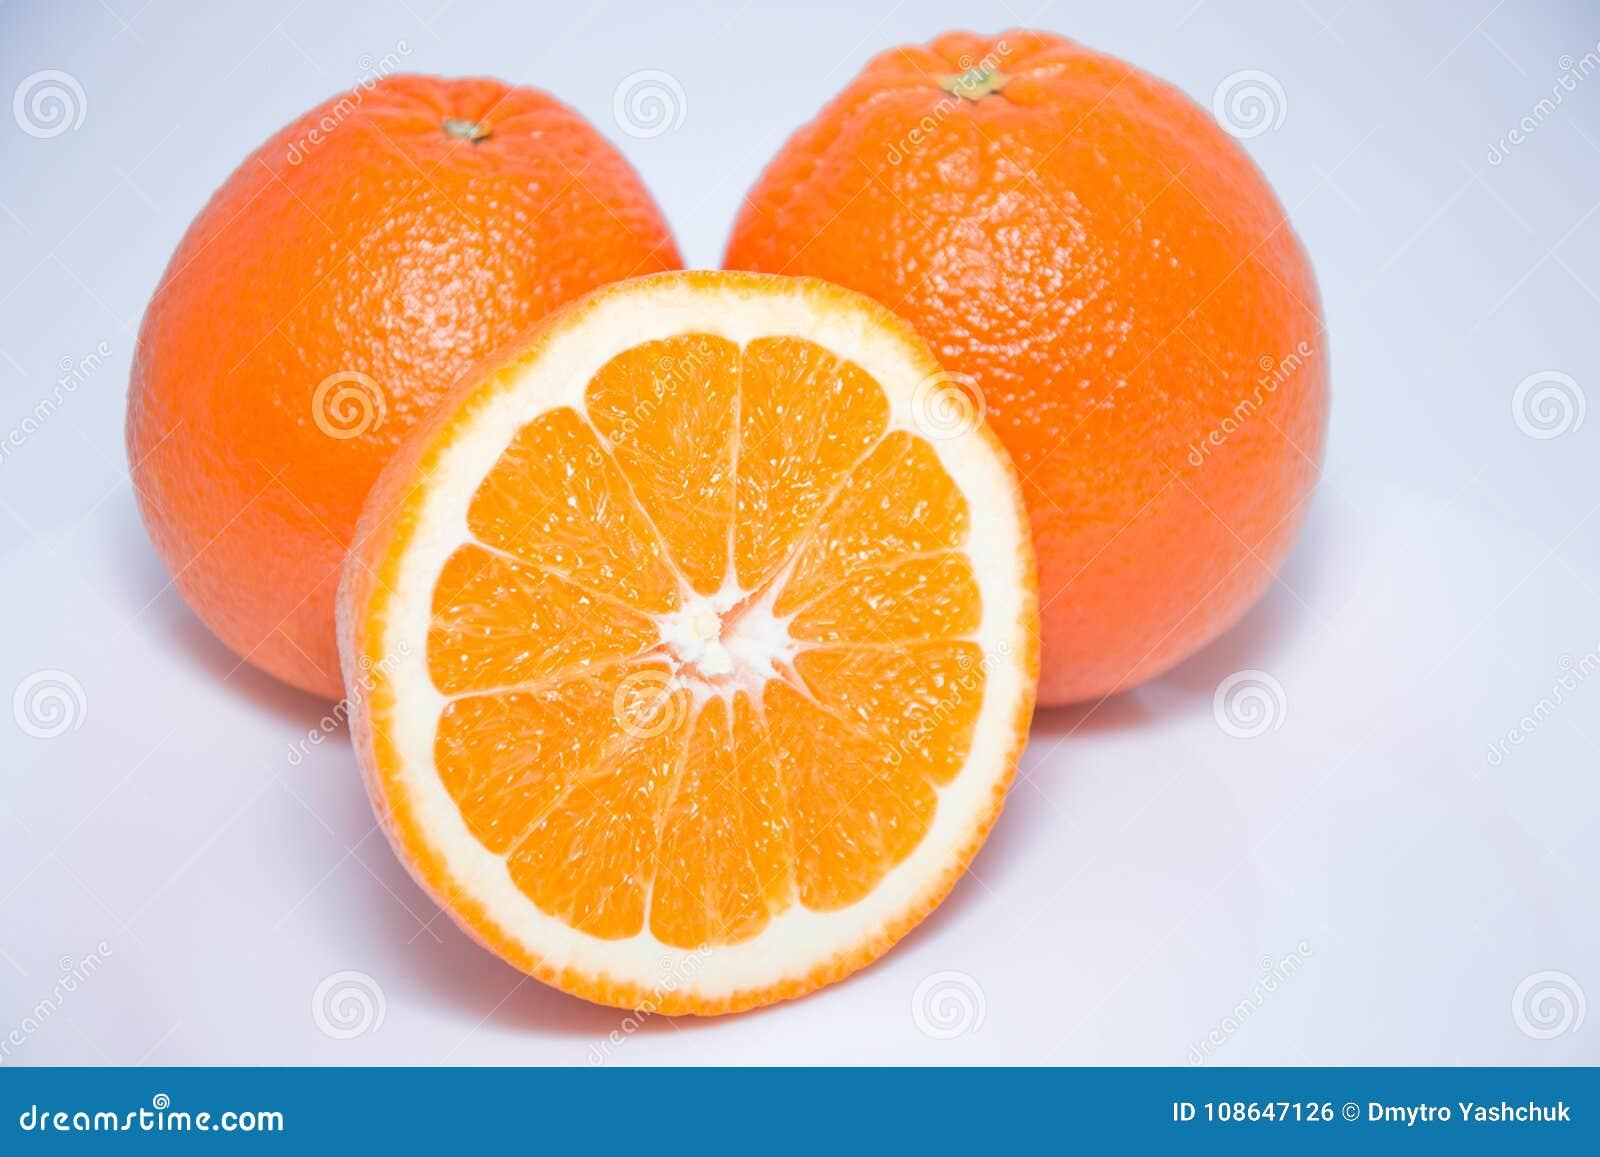 Opinião do close-up laranjas frescas no fundo branco